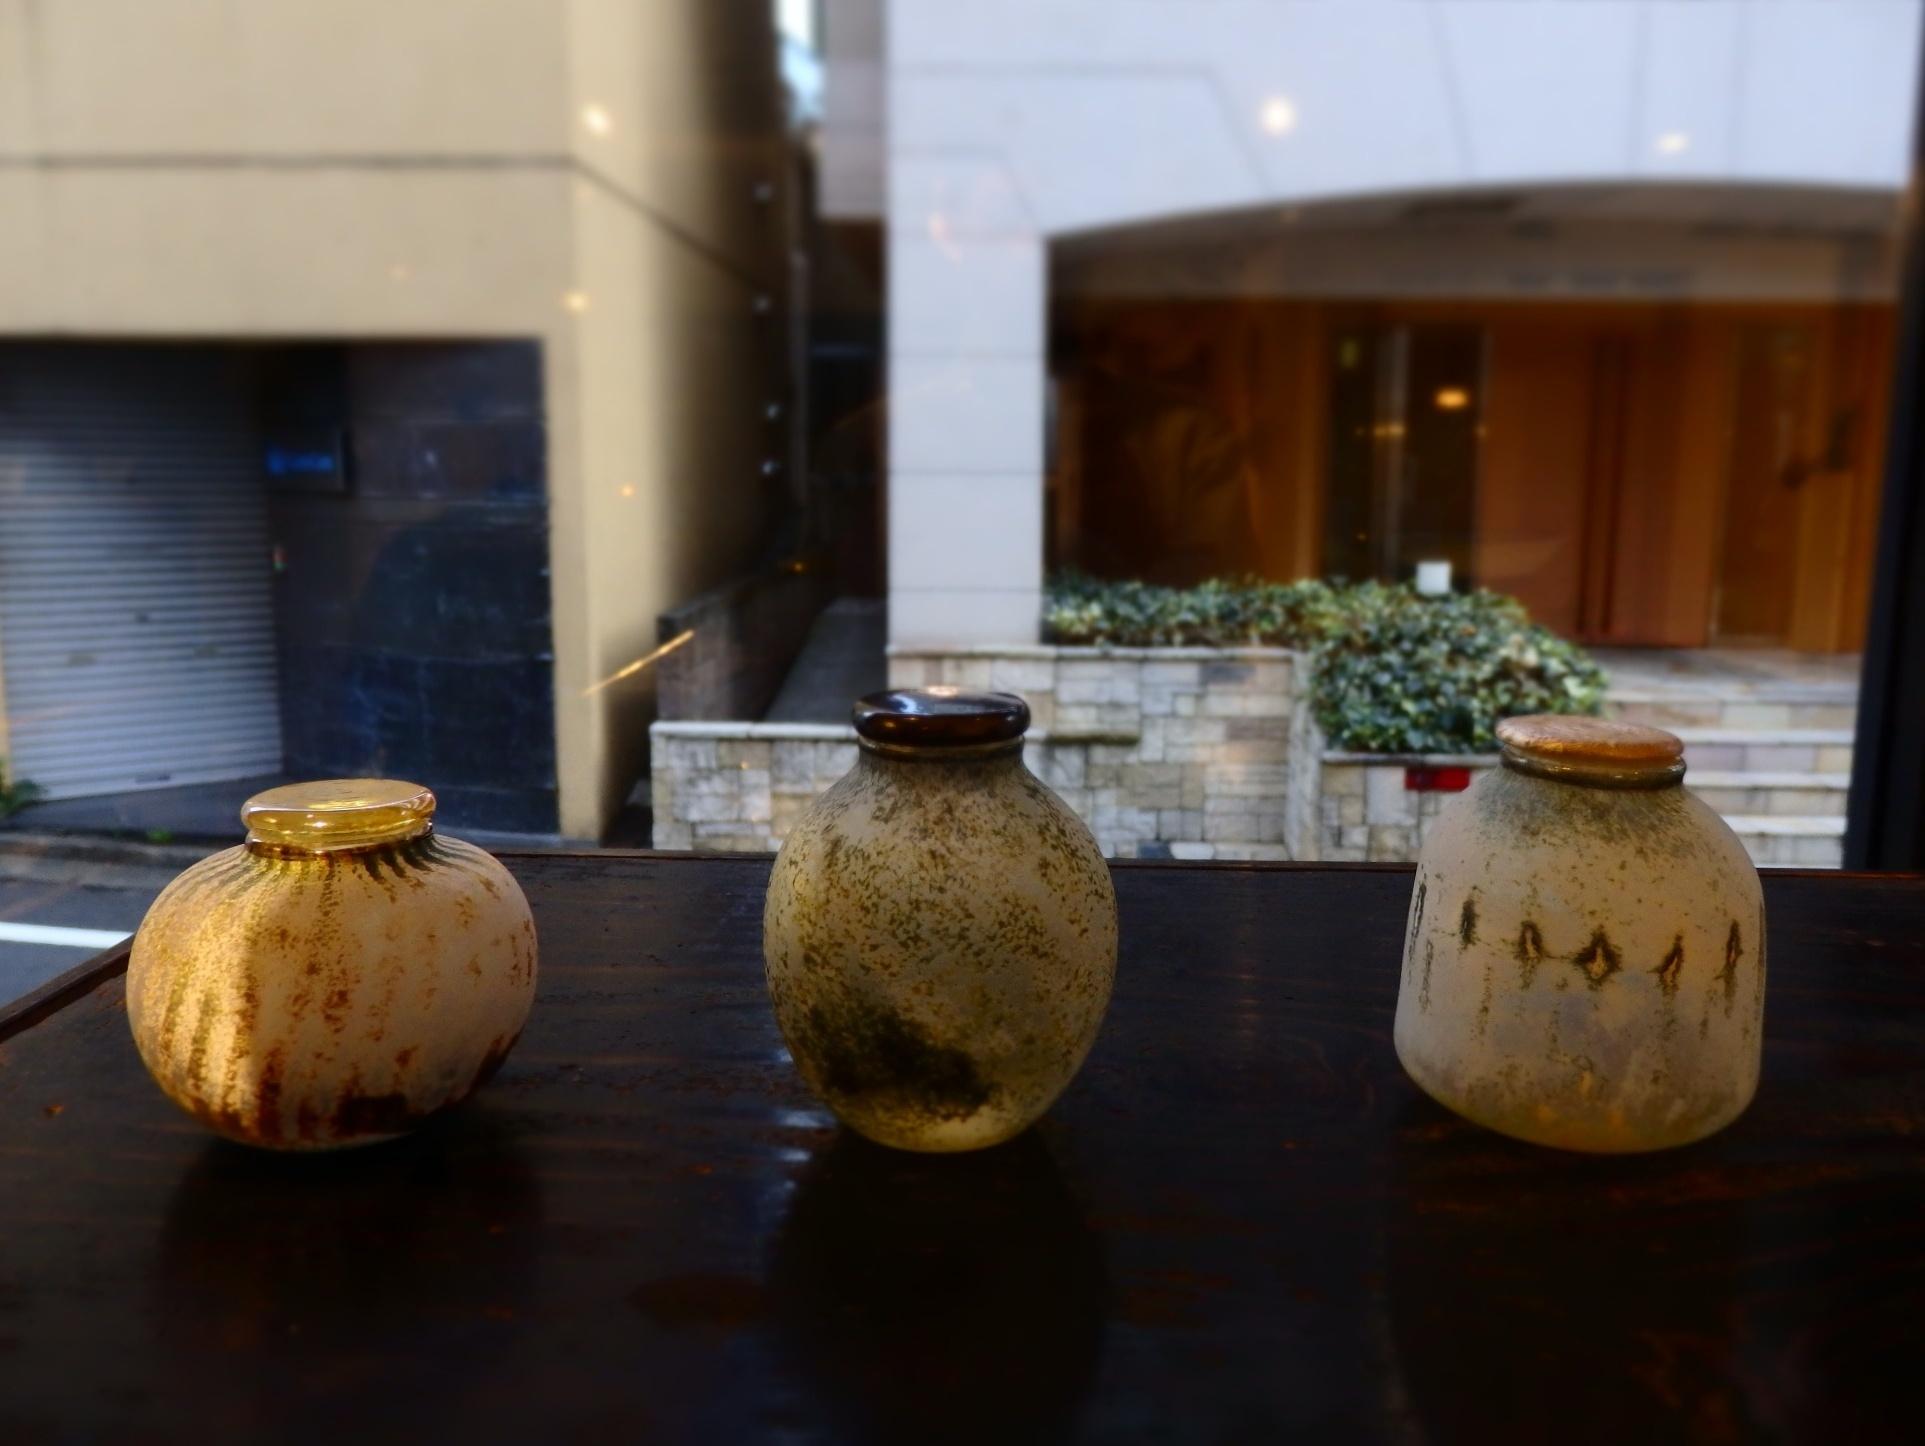 橋村野未知さんの展示1_f0351305_22404590.jpeg